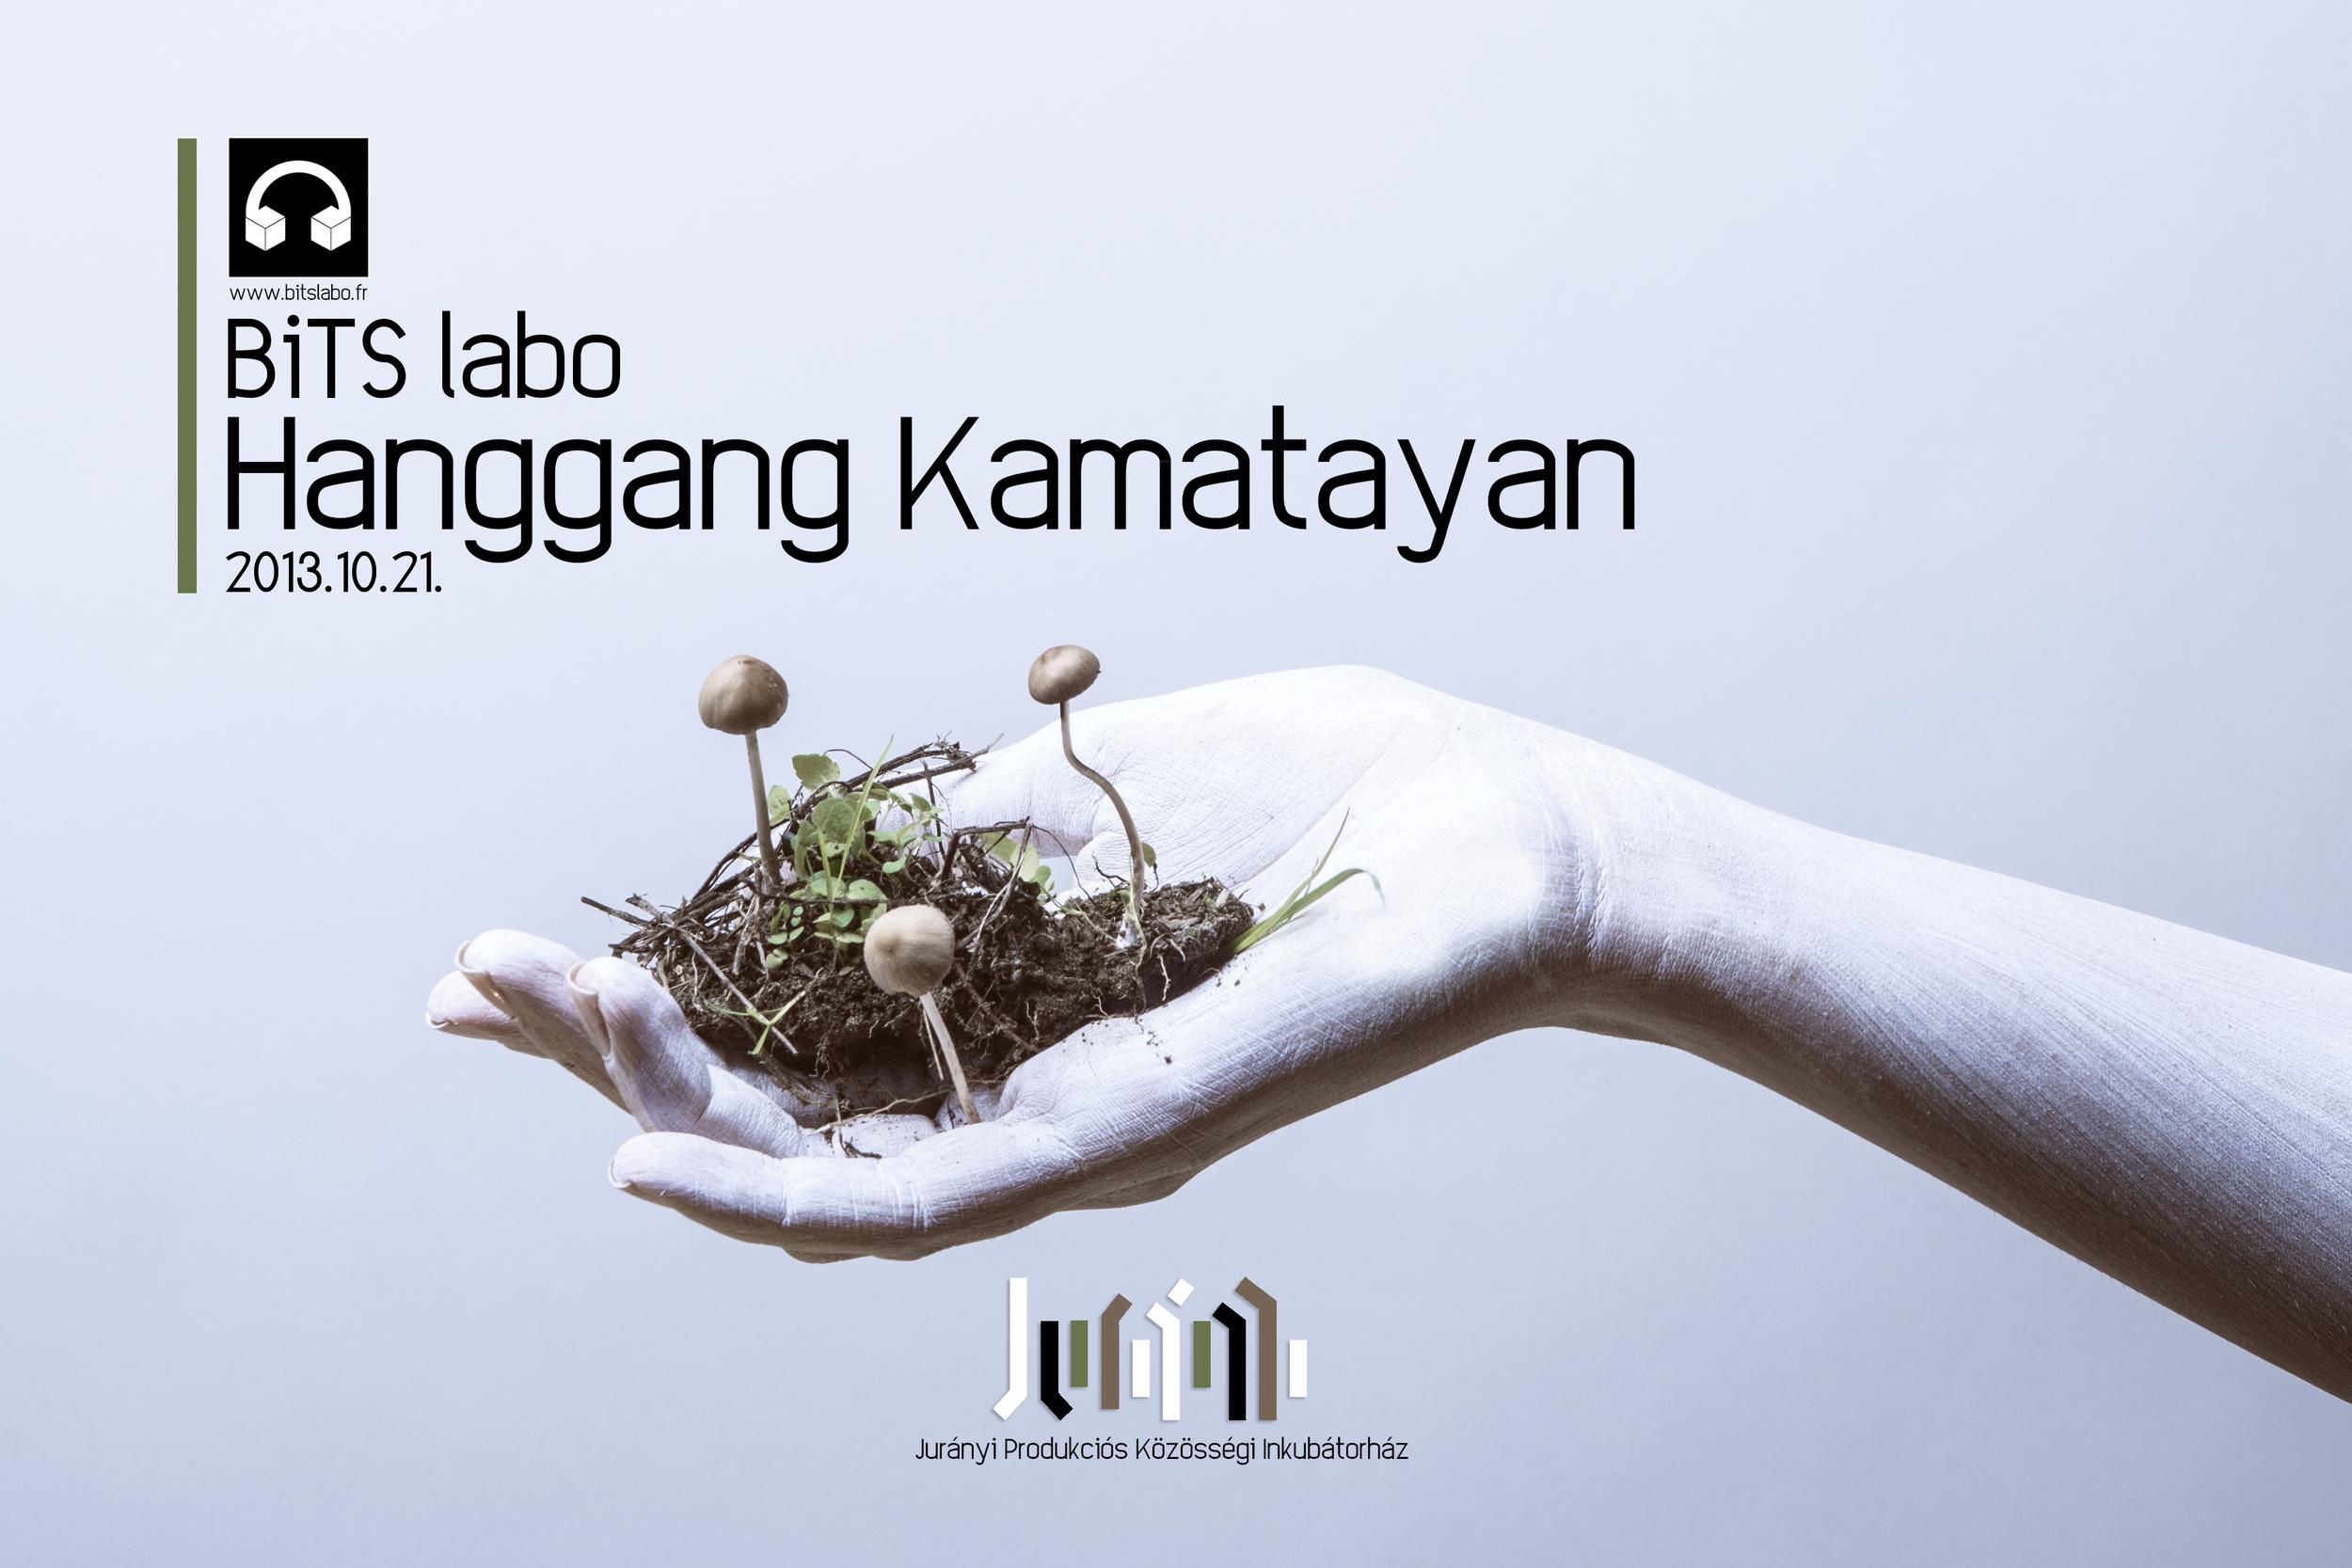 BiTS labo_Hanggang Kamatayan_01.jpg